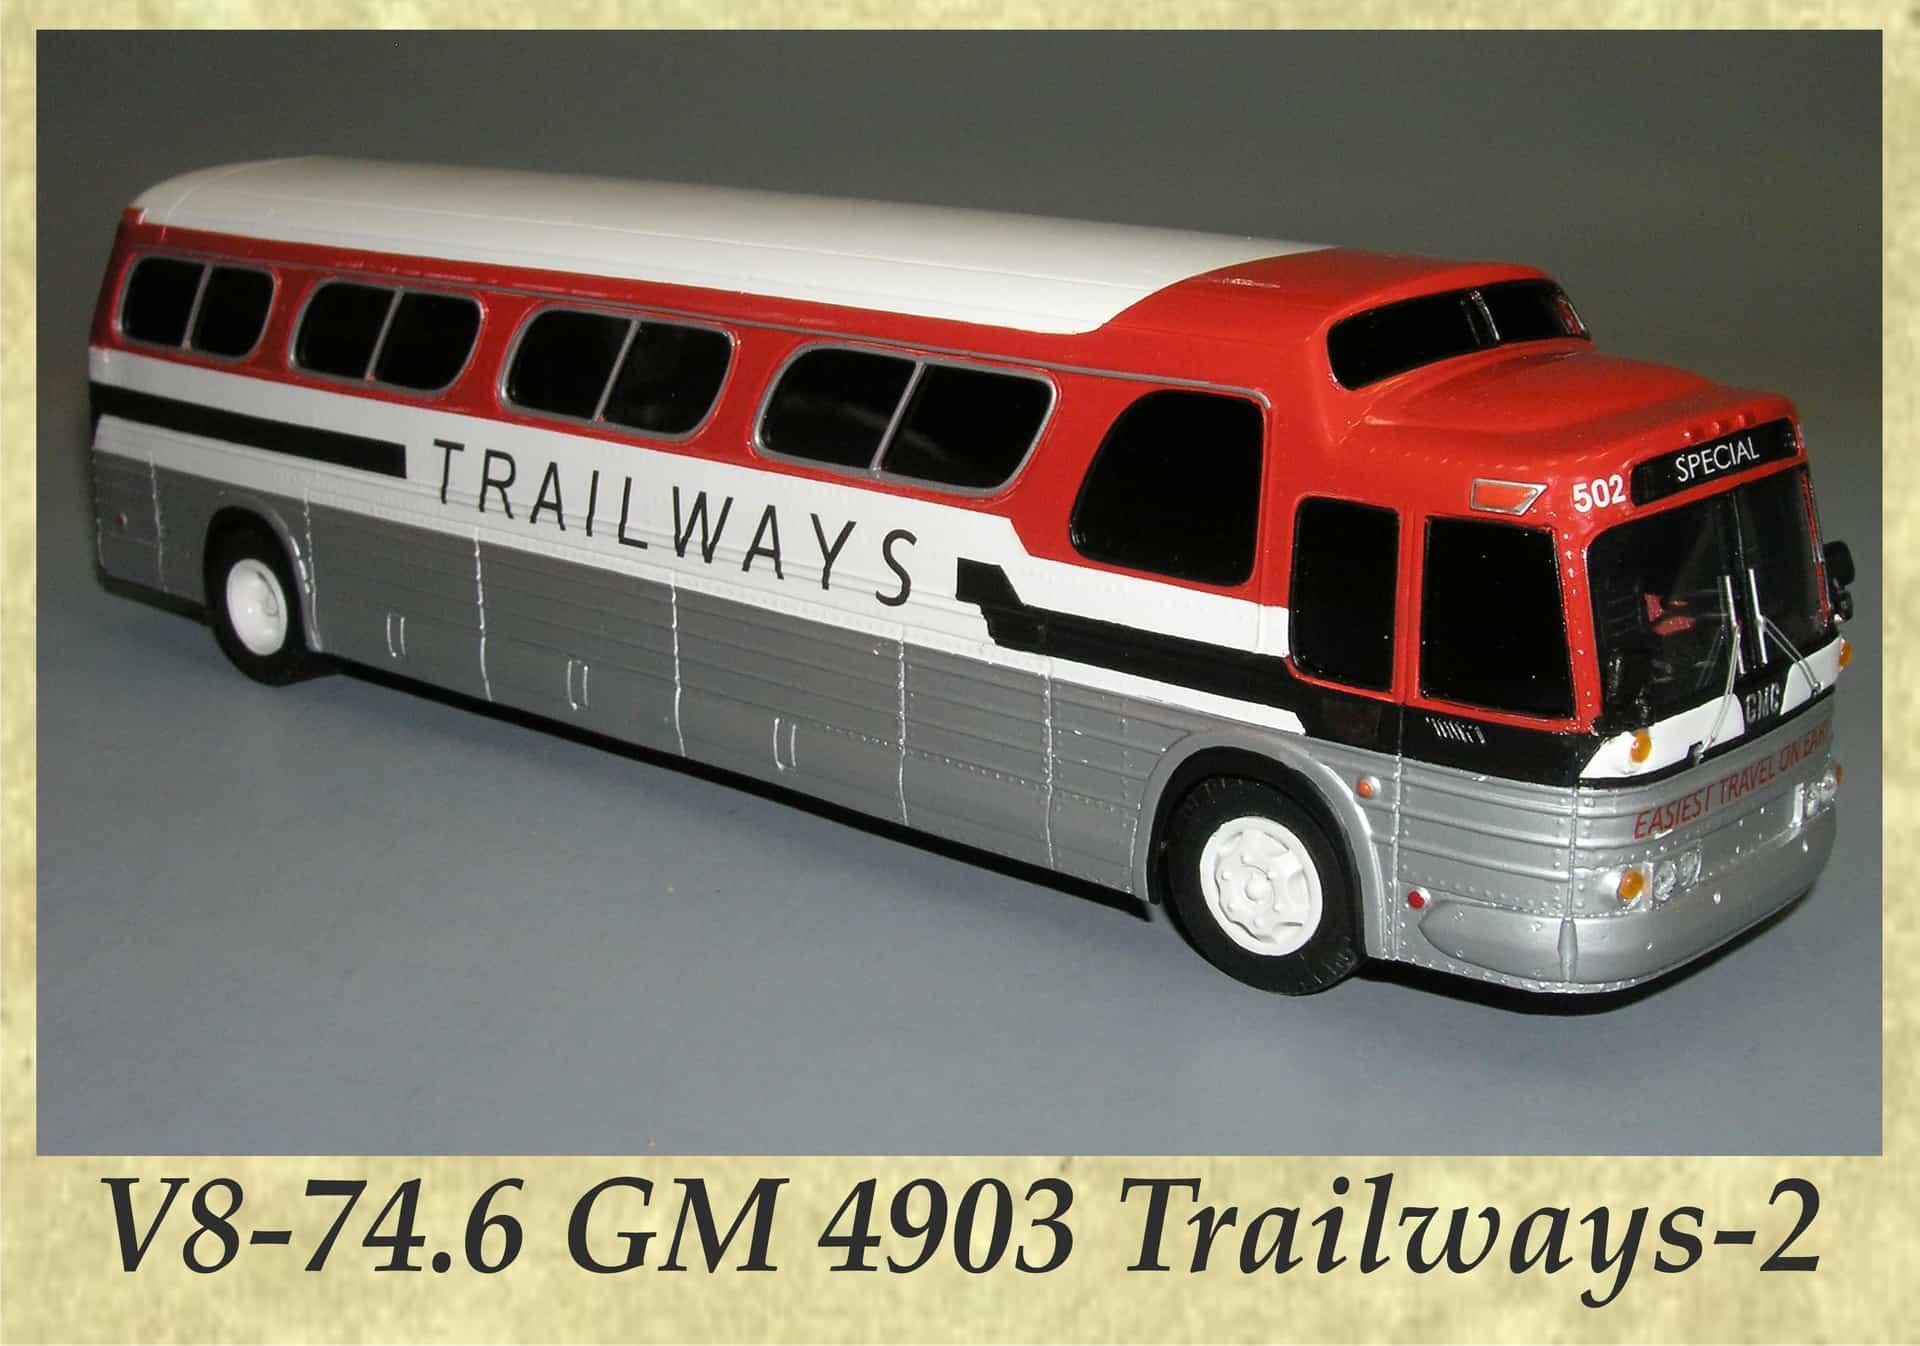 V8-74.6 GM 4903 Trailways-2